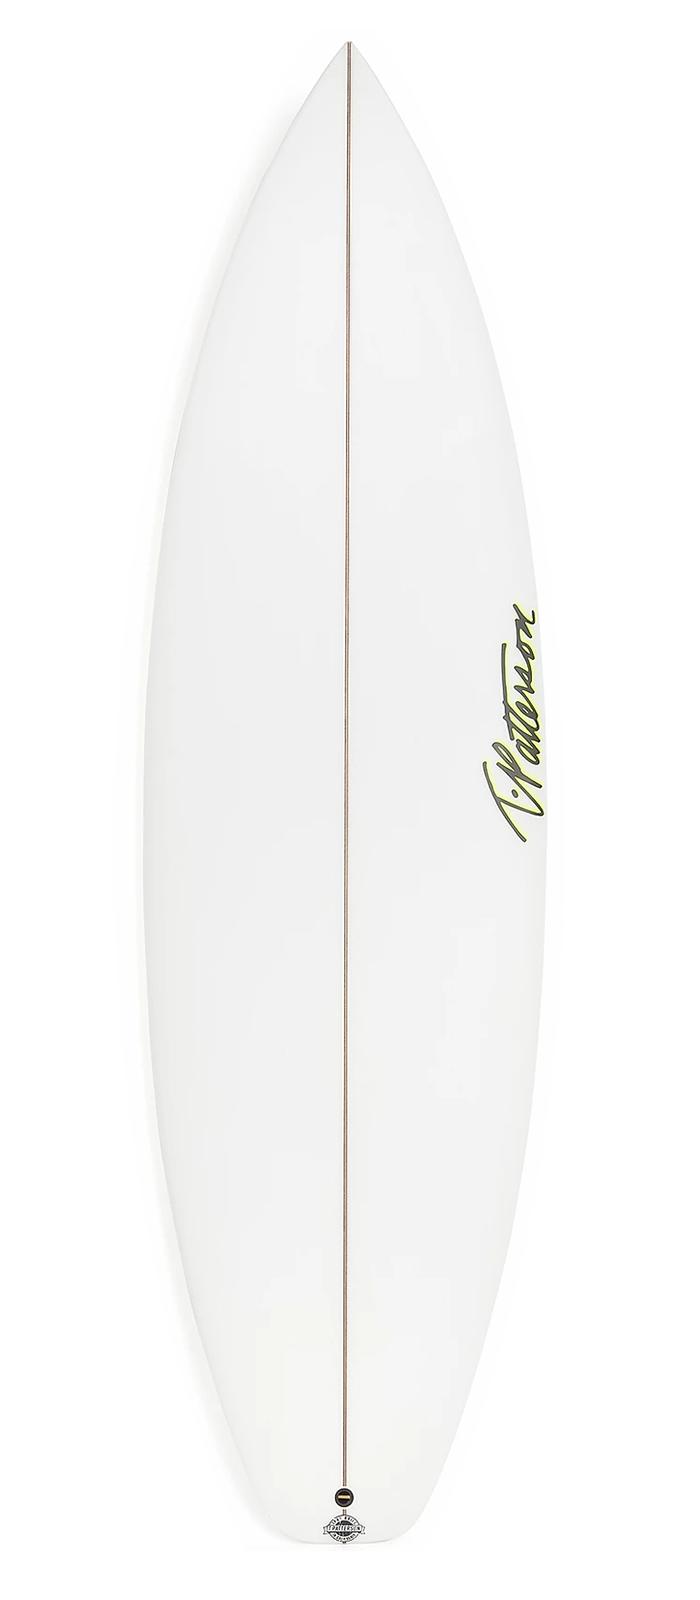 SPEED DRIVE surfboard model